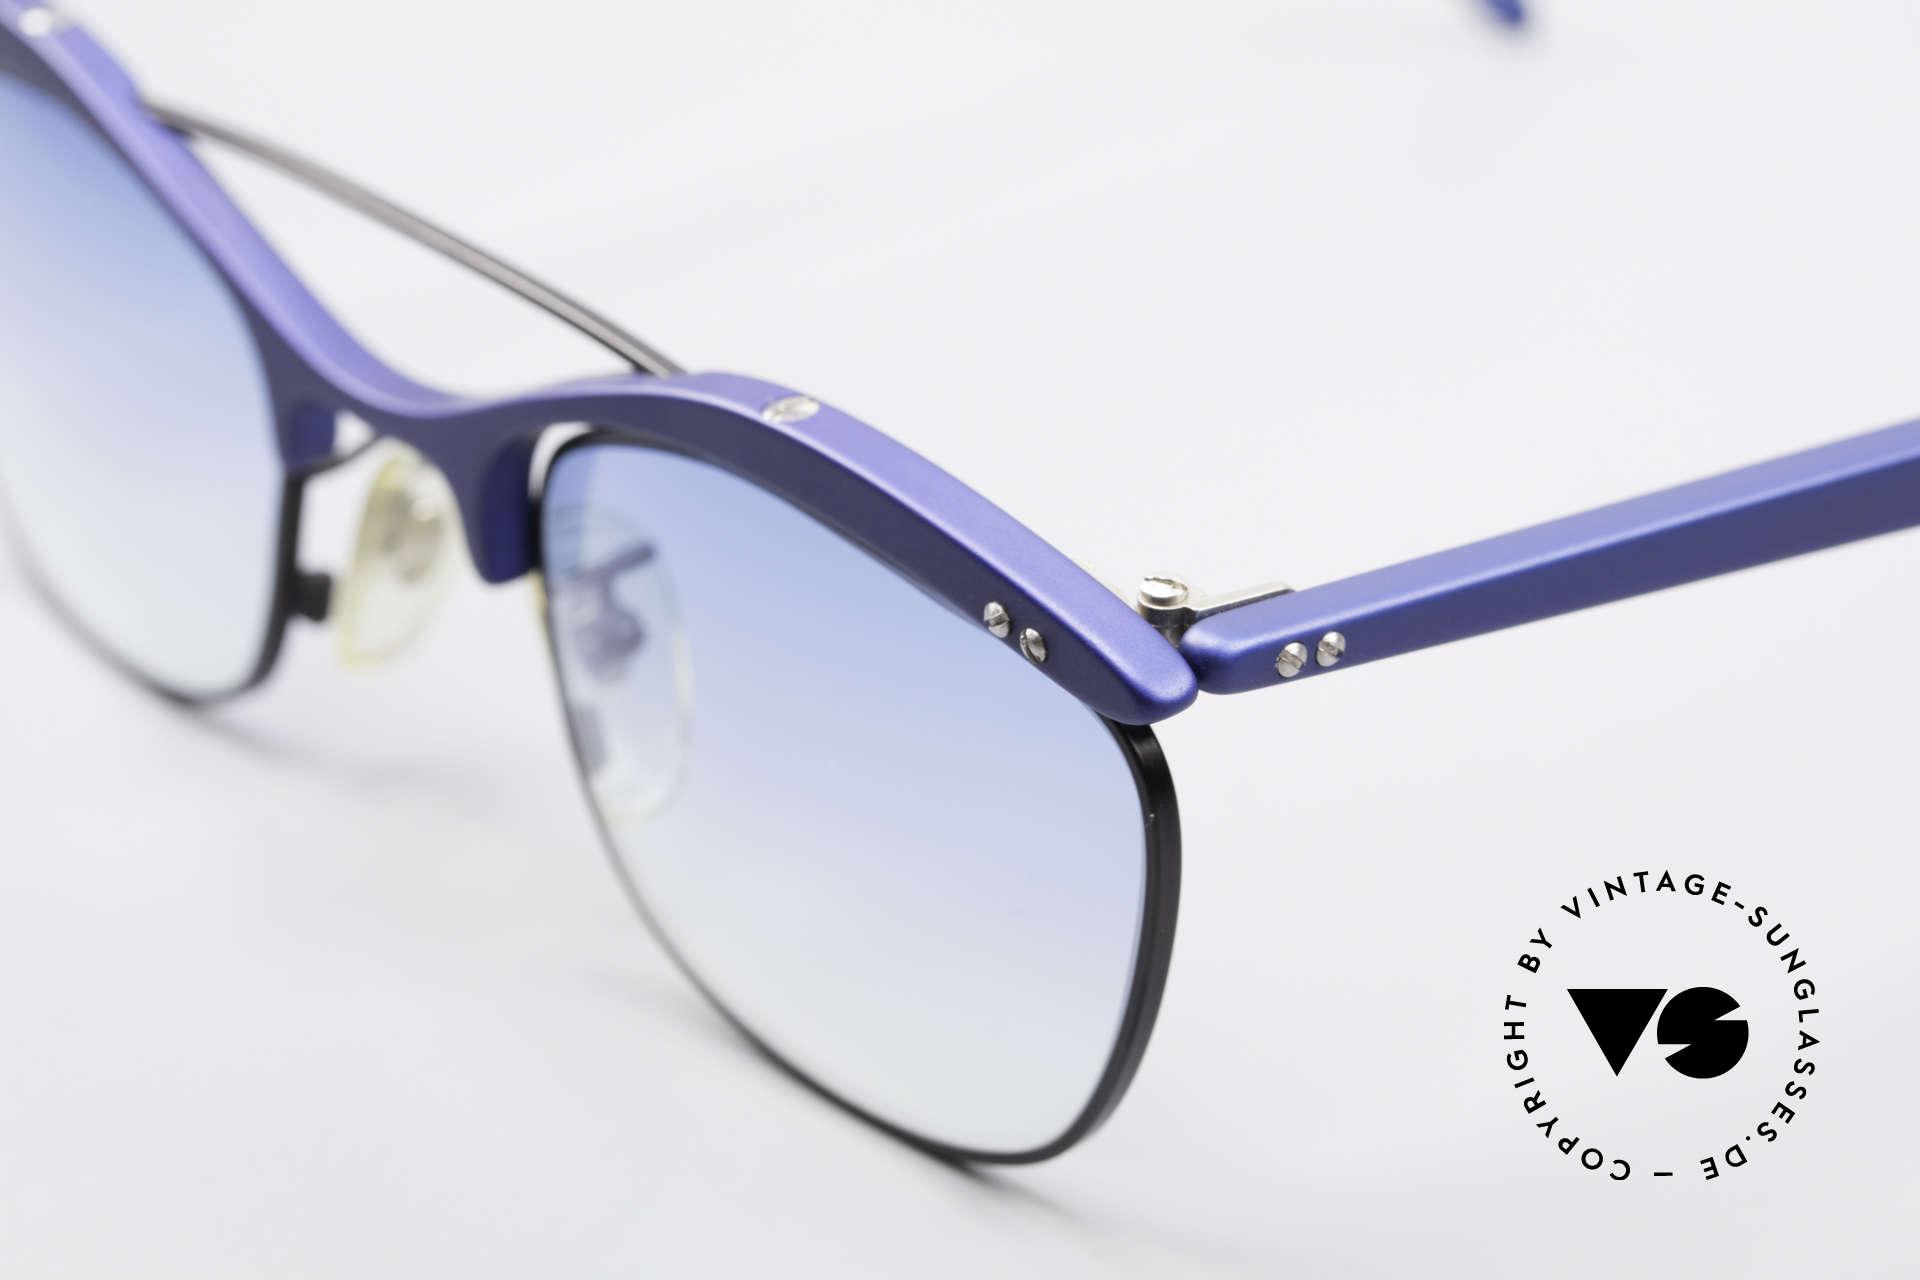 L.A. Eyeworks PLUTO III No Retro Vintage Sonnenbrille, ungetragen (wie all unsere vintage LAE Sonnenbrillen), Passend für Herren und Damen